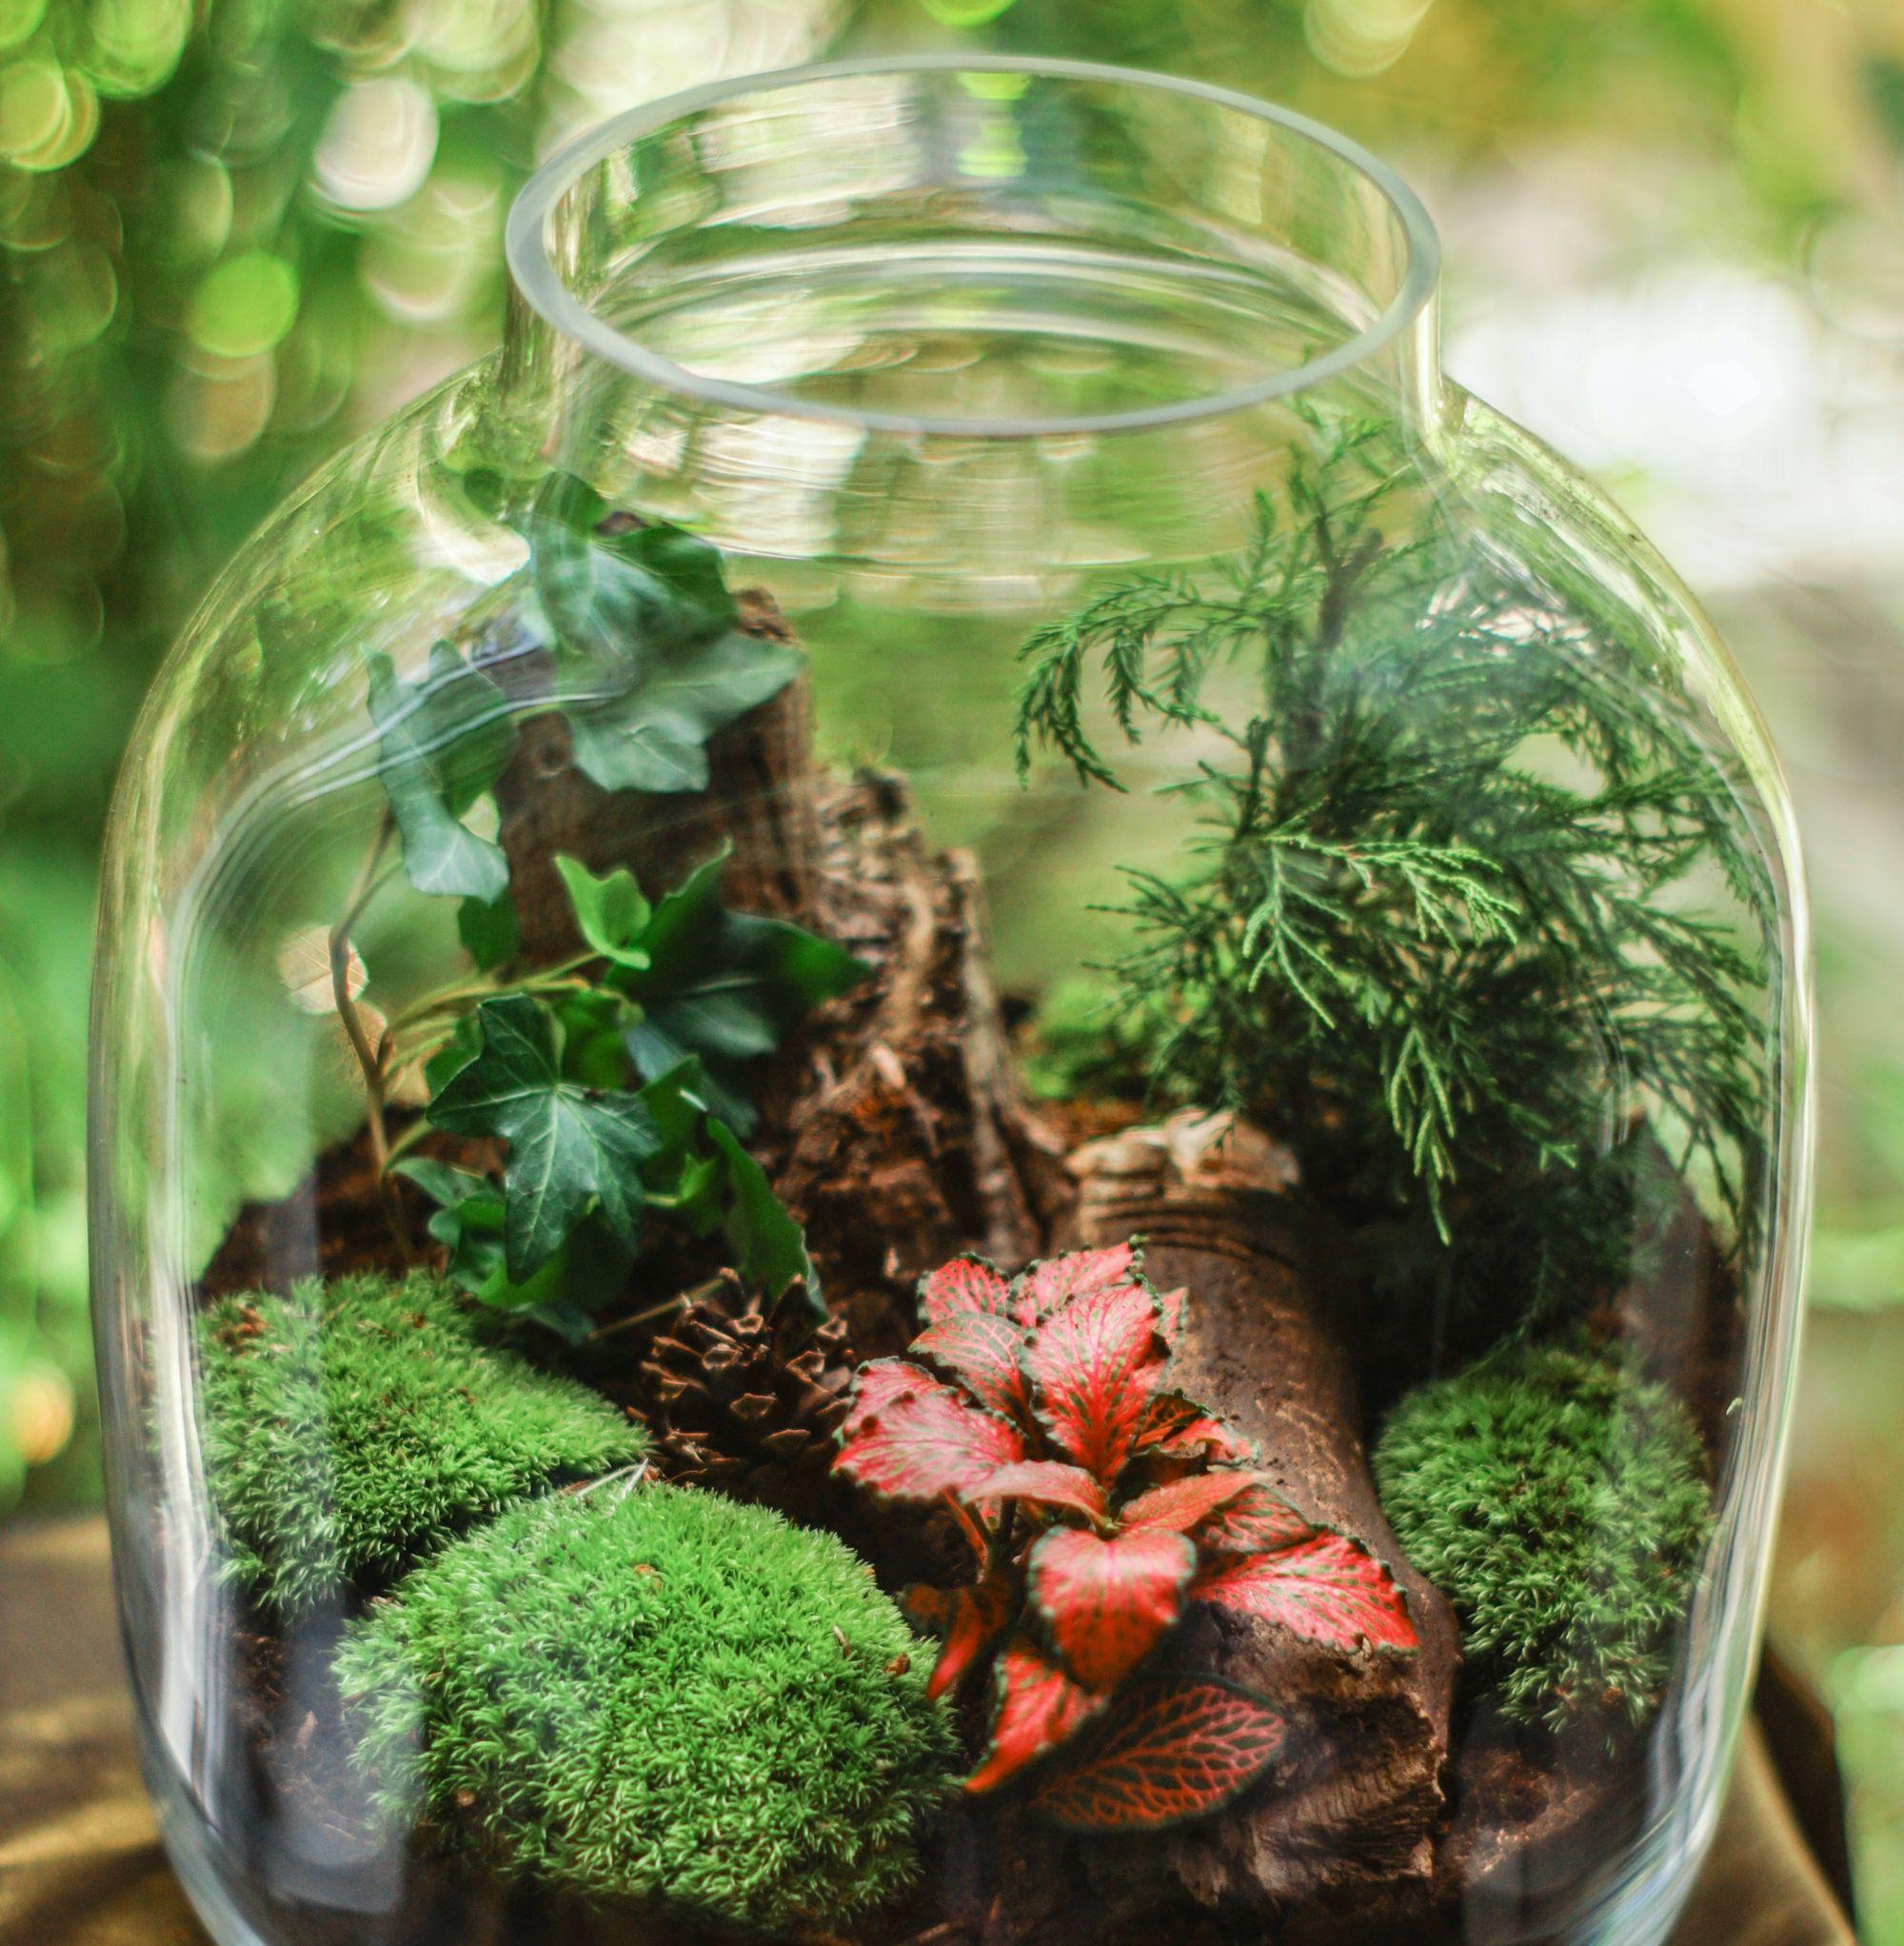 A green terrarium